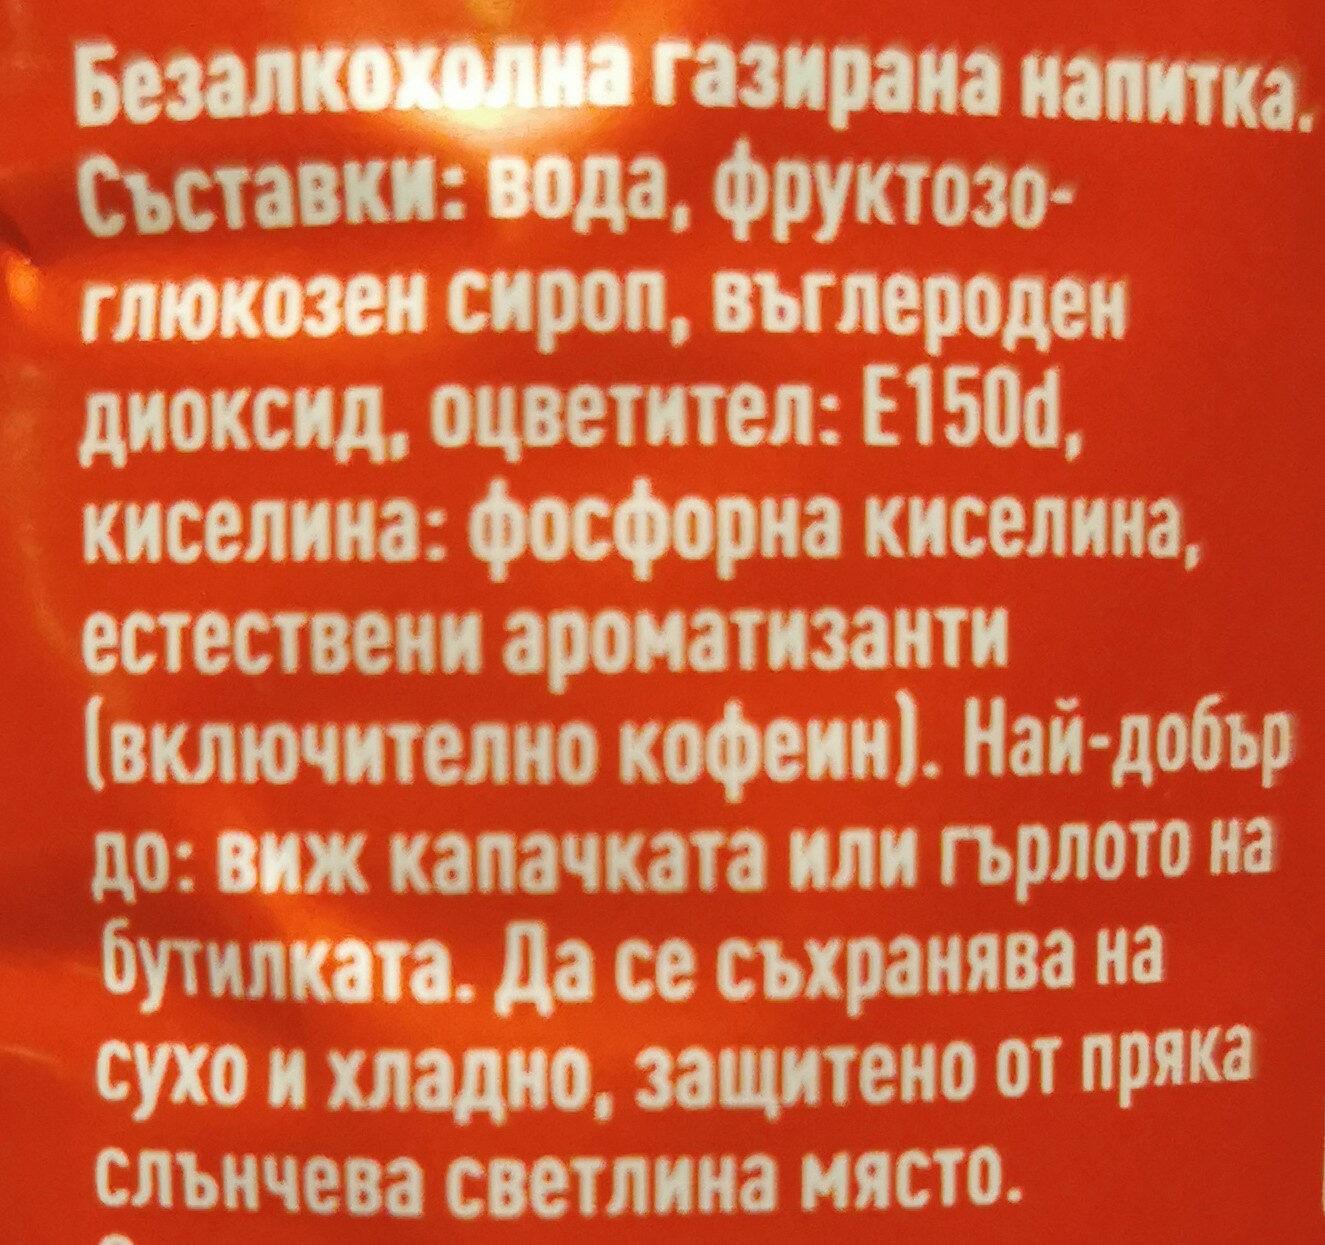 Coca-Cola - Съставки - bg